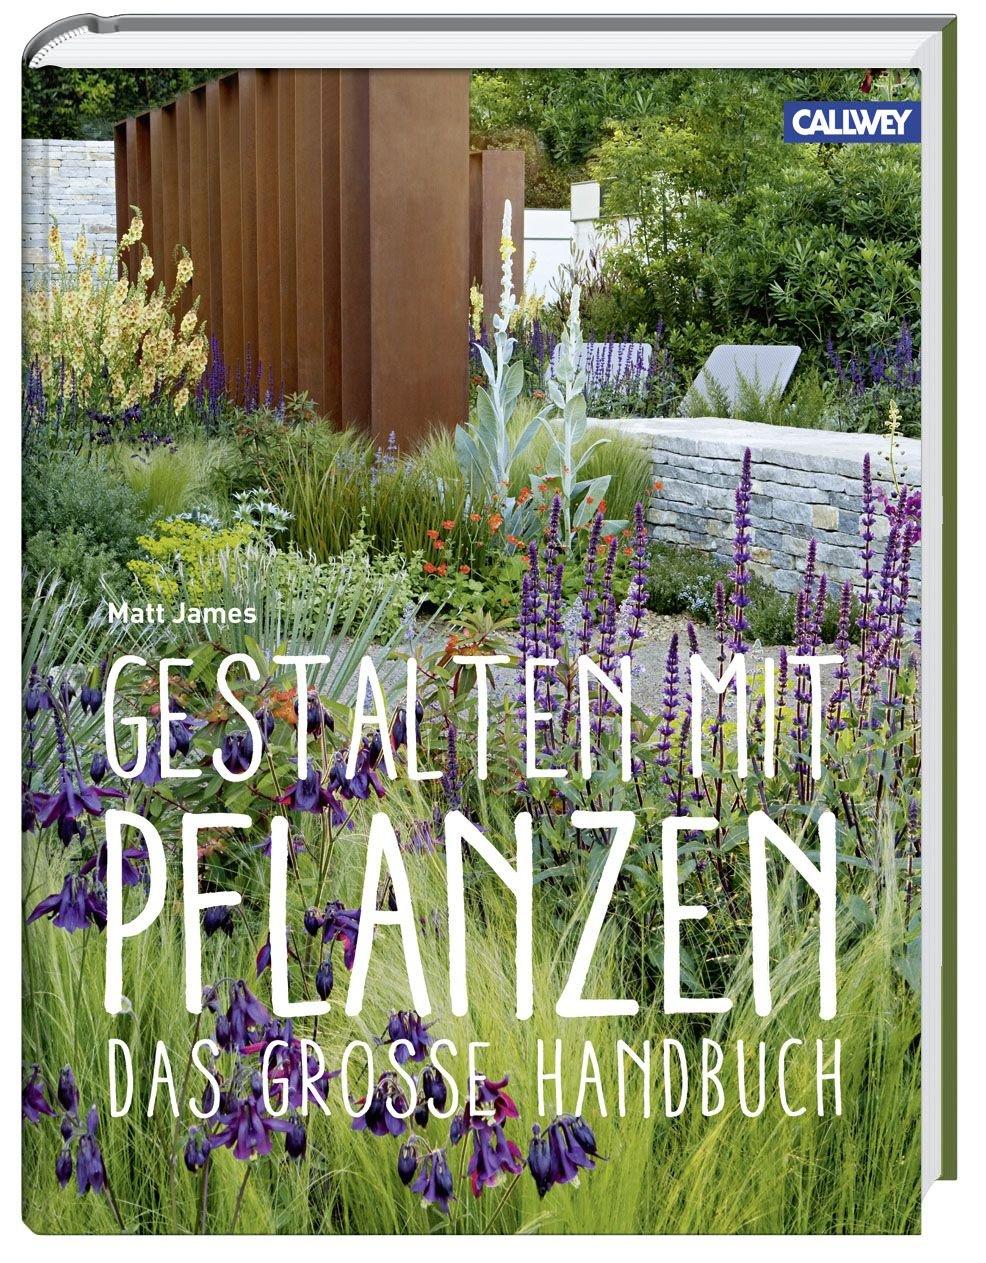 gestalten mit pflanzen das gro e handbuch hardcover. Black Bedroom Furniture Sets. Home Design Ideas